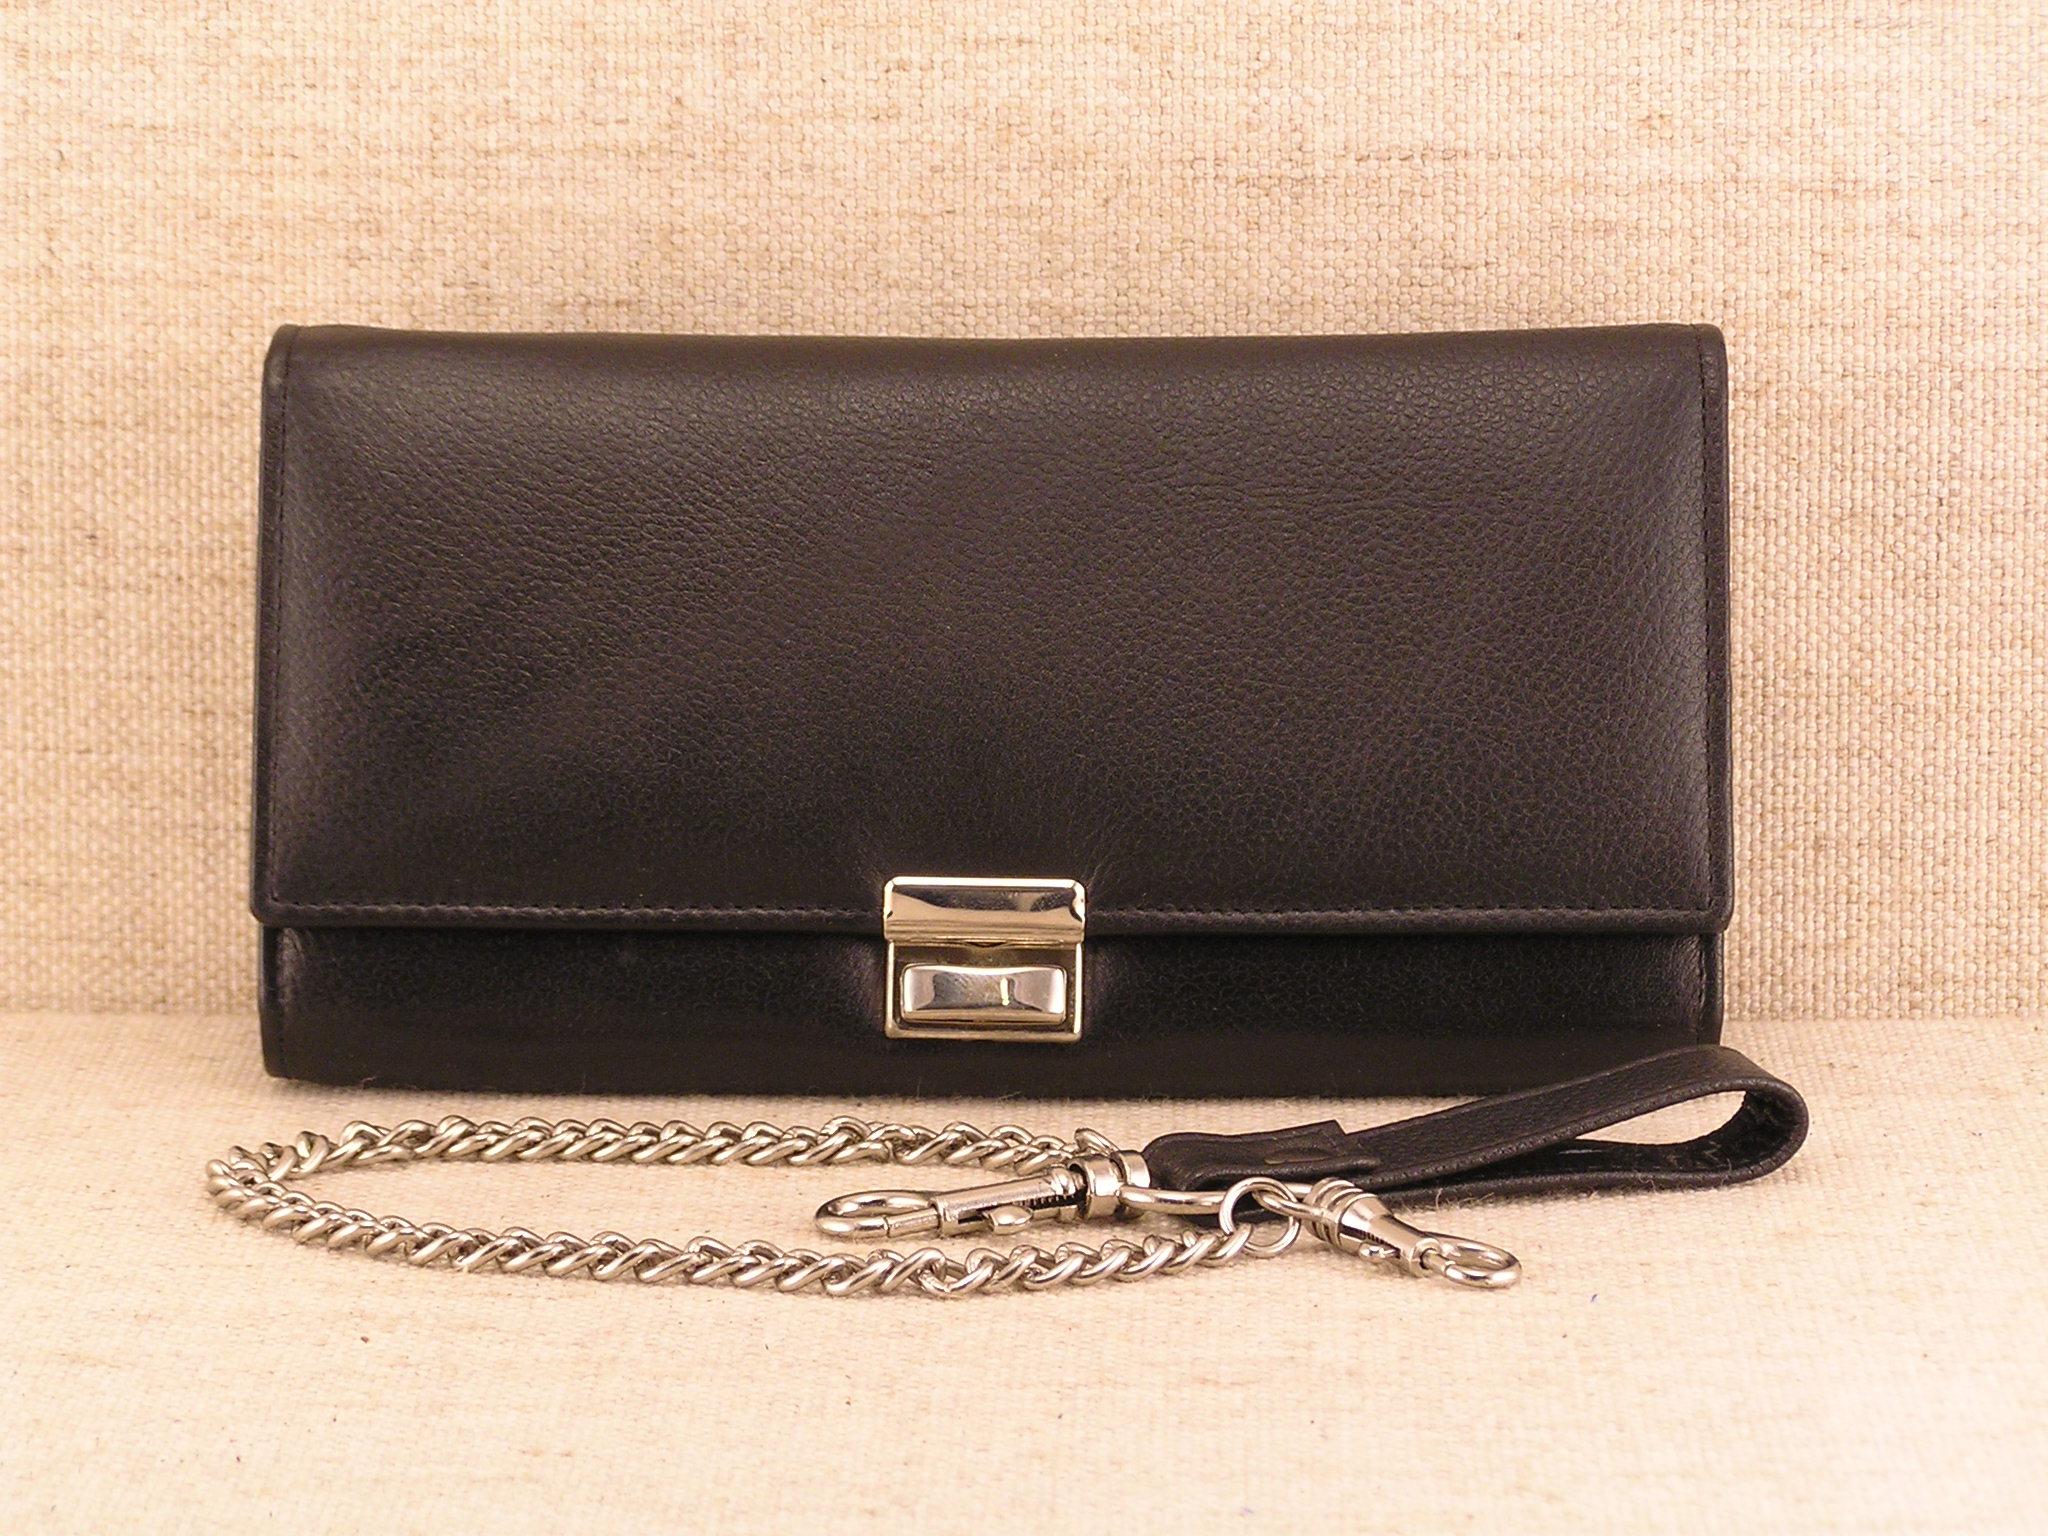 Kožená číšnická peněženka - Sekurity 7401